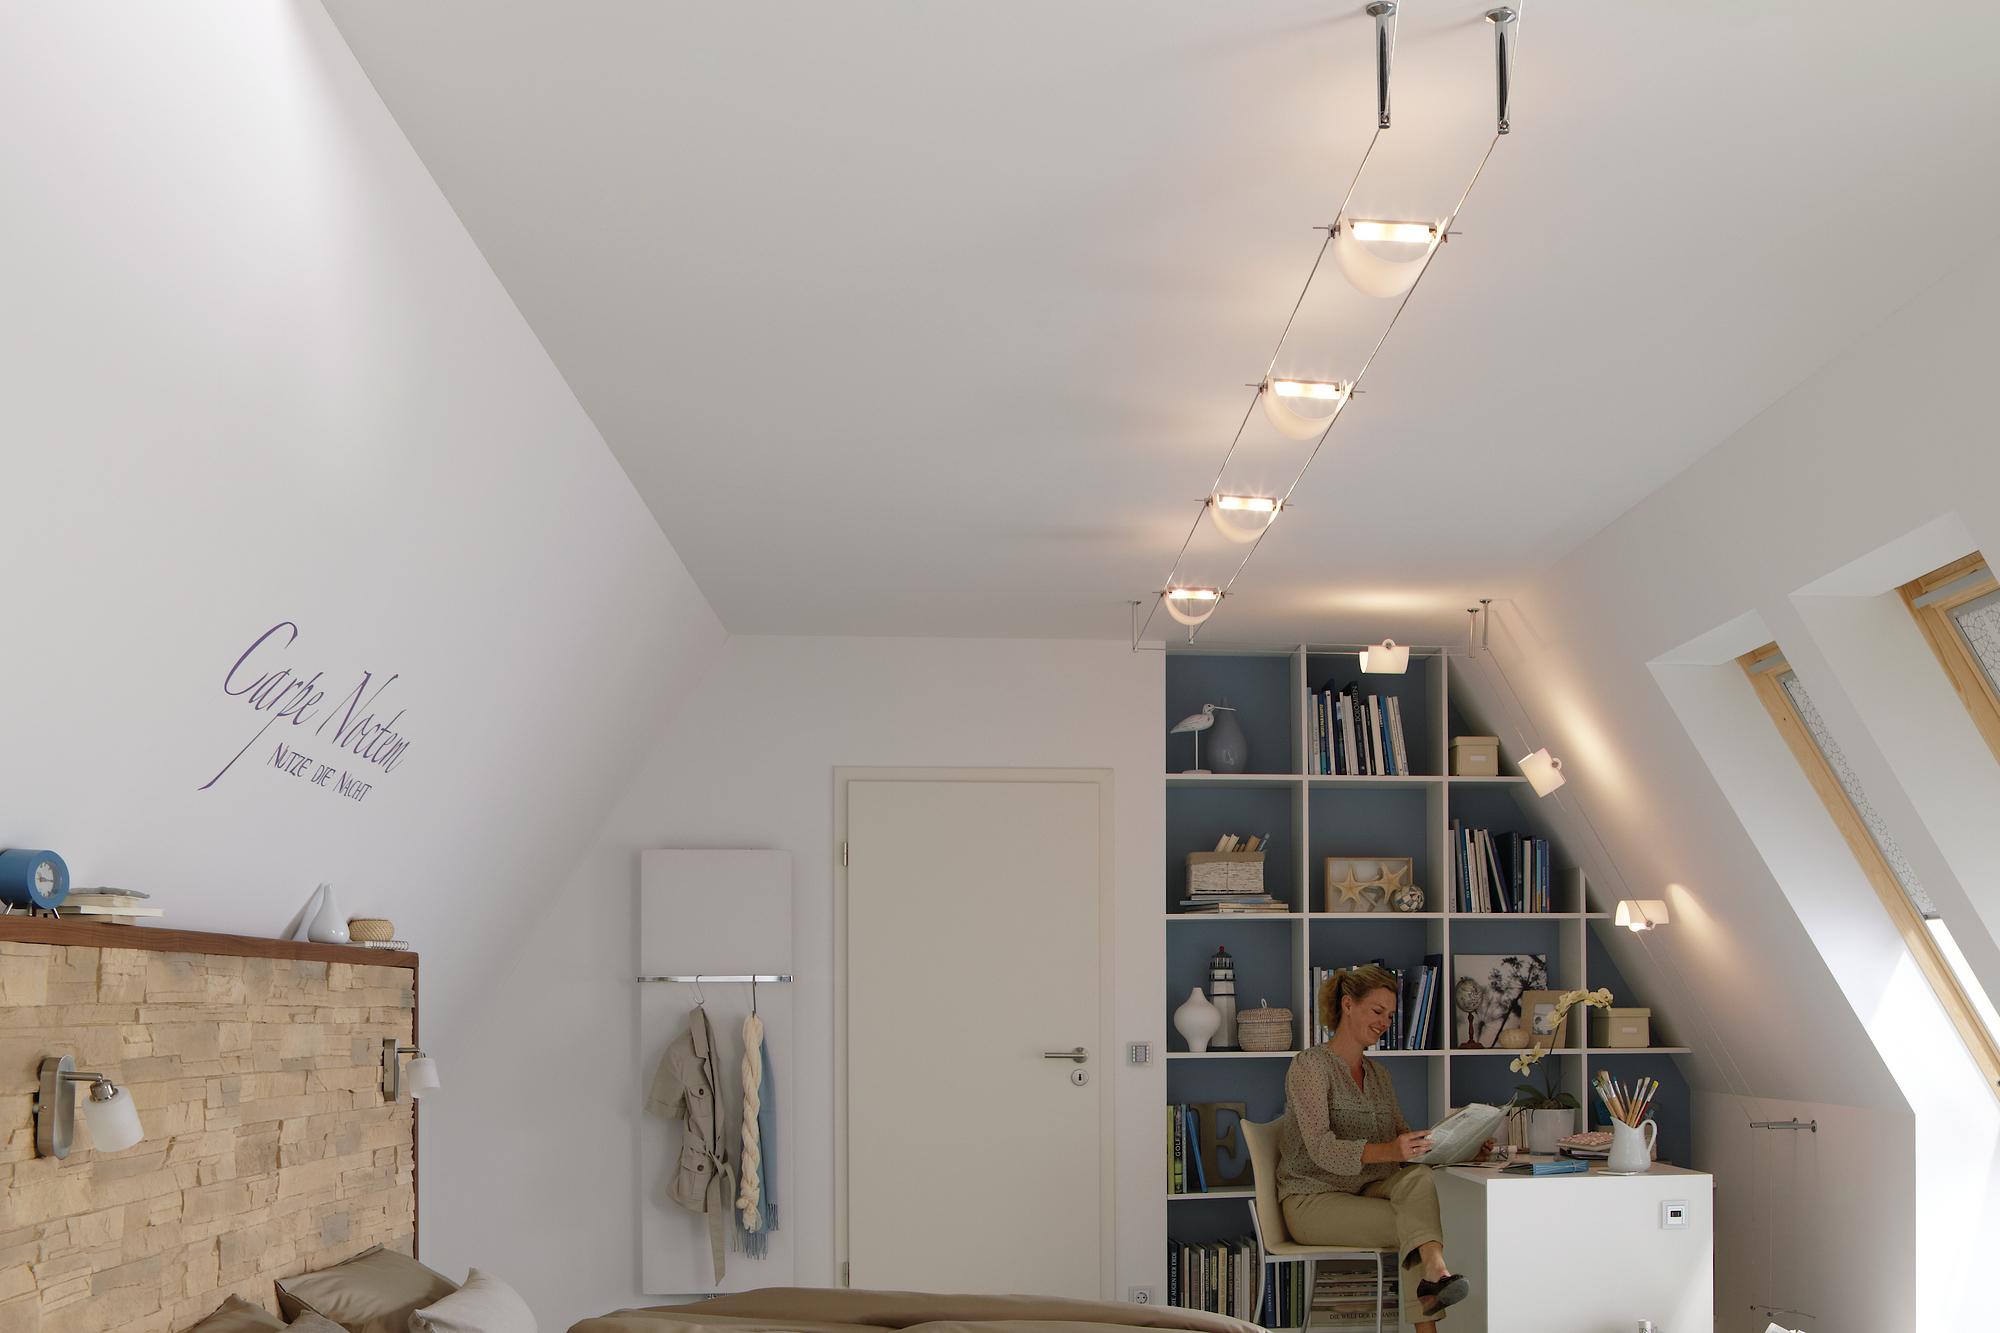 Full Size of Lampen Für Wohnzimmer Flexible Seilsysteme Komplettsets Paulmann Licht Gardinen Schlafzimmer Klimagerät Lampe Led Beleuchtung Board Sichtschutzfolien Fenster Wohnzimmer Lampen Für Wohnzimmer